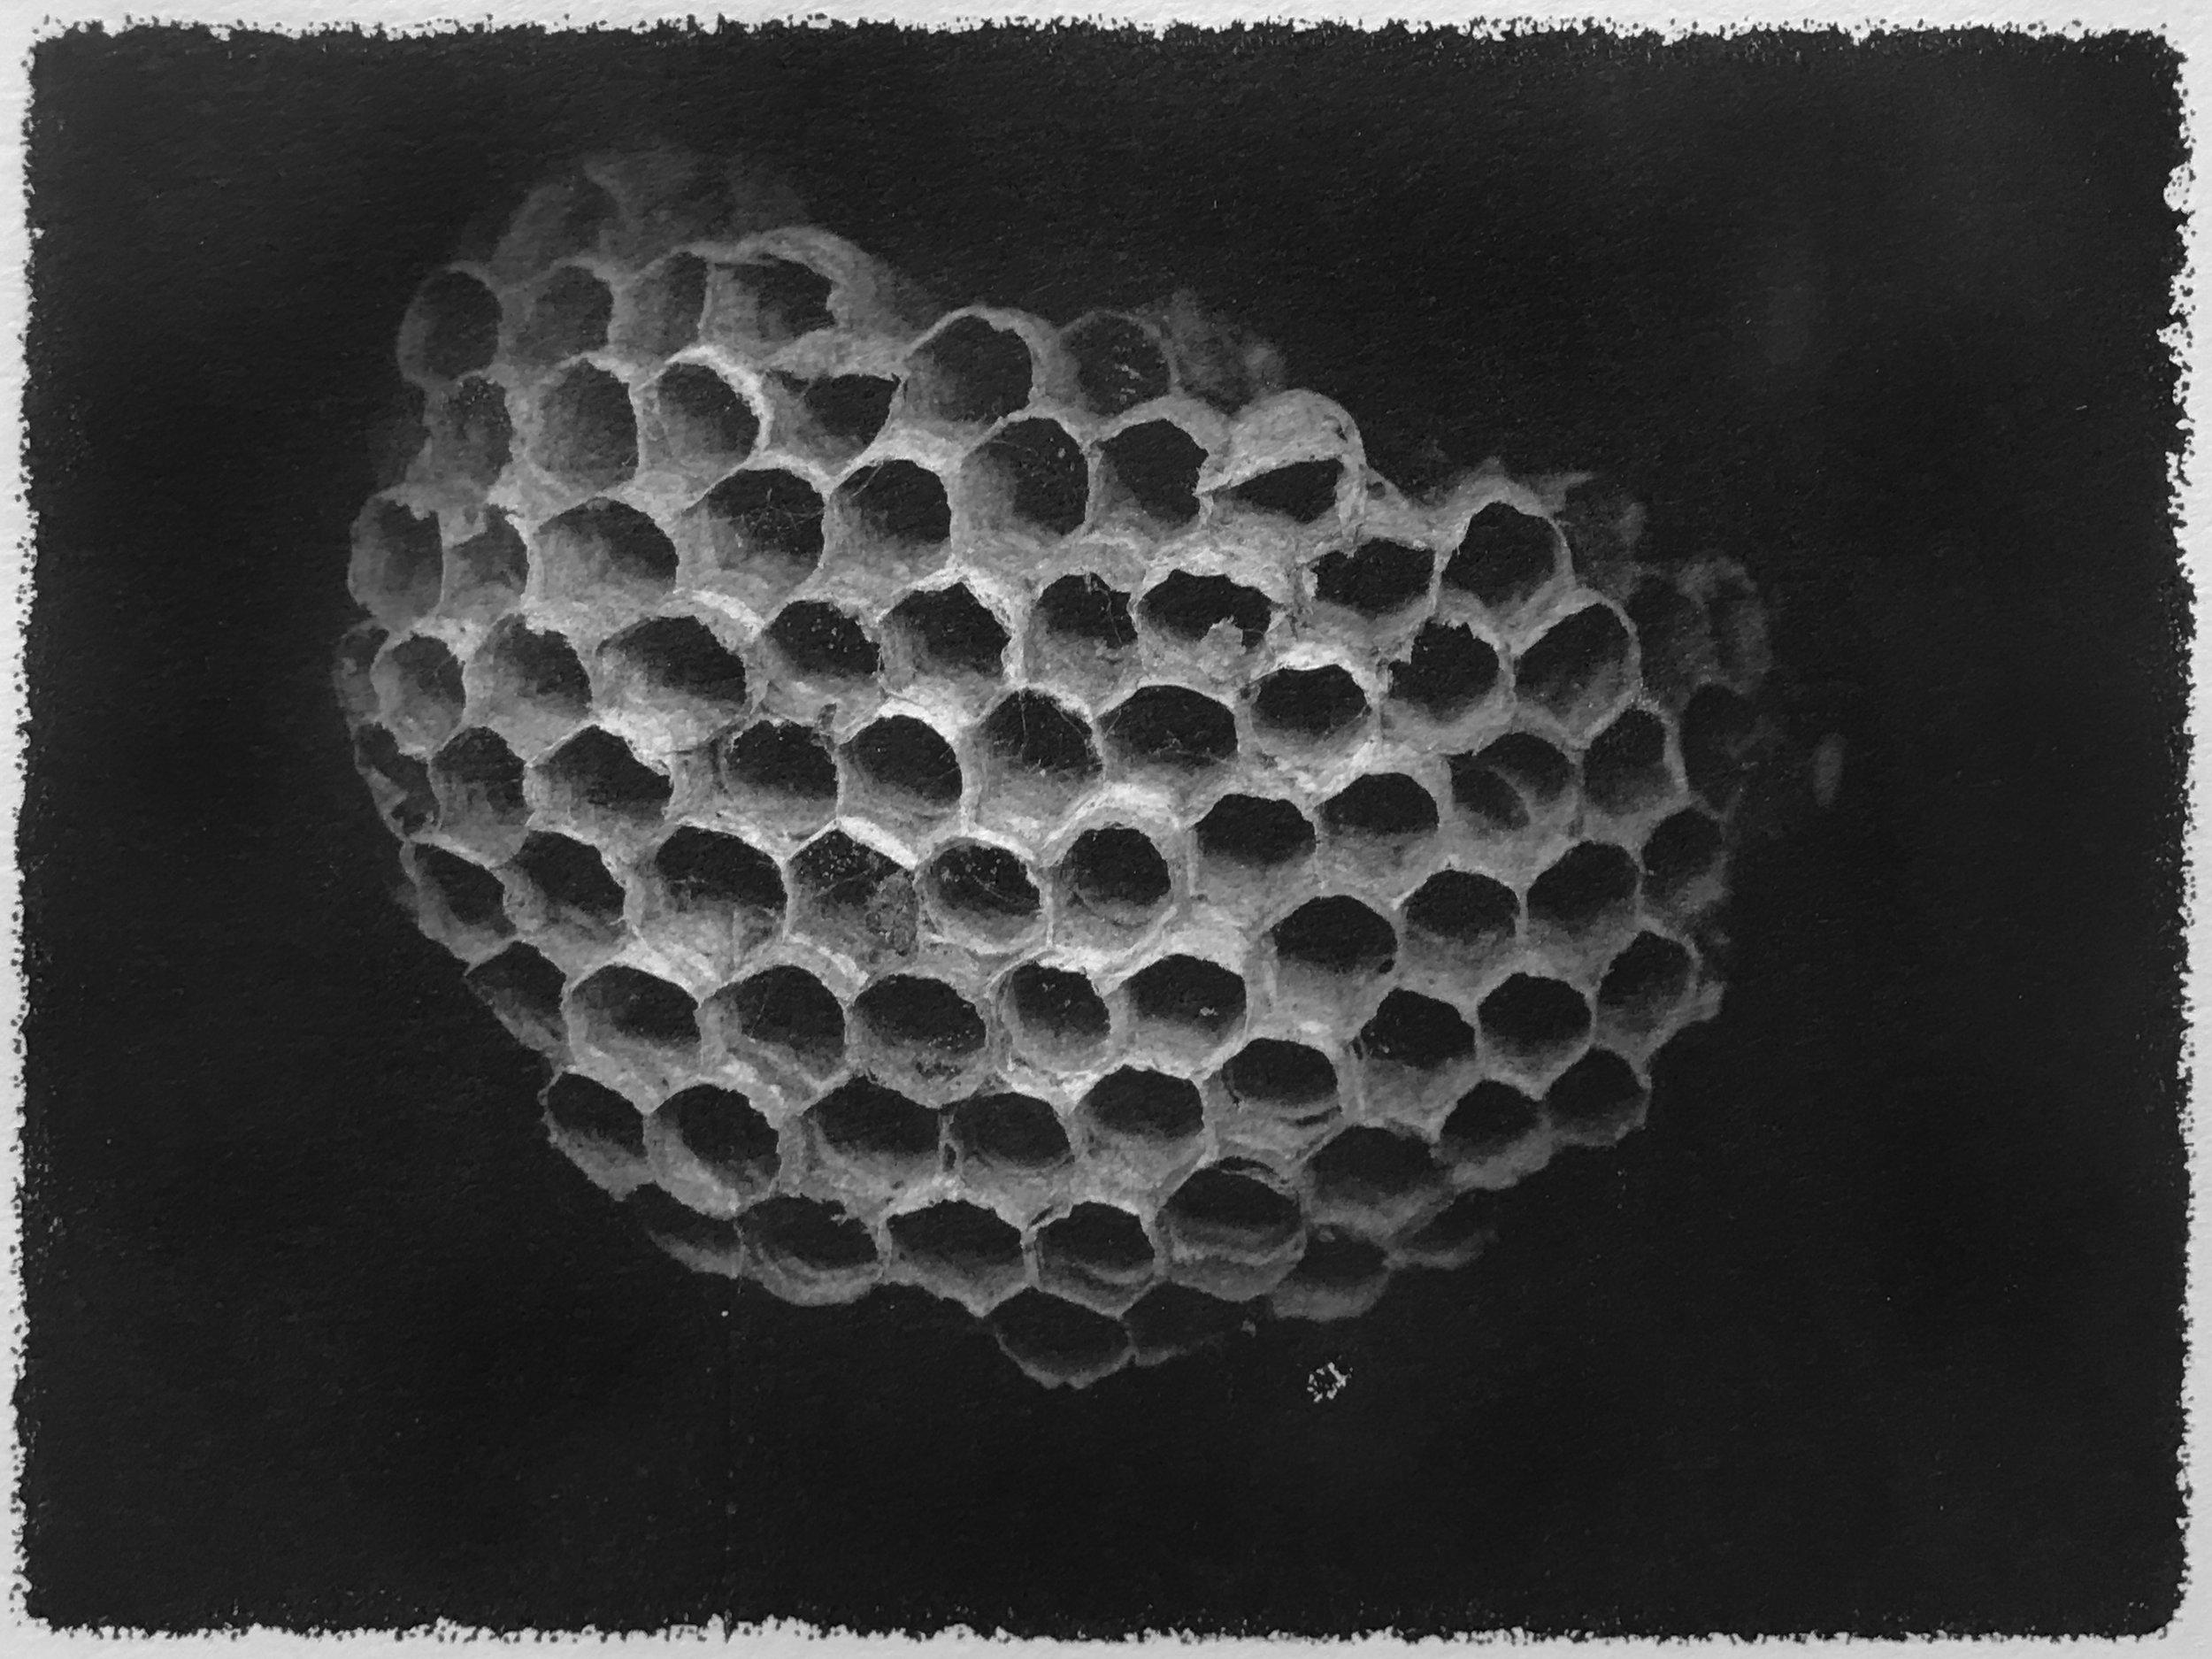 wasp nest01.JPG